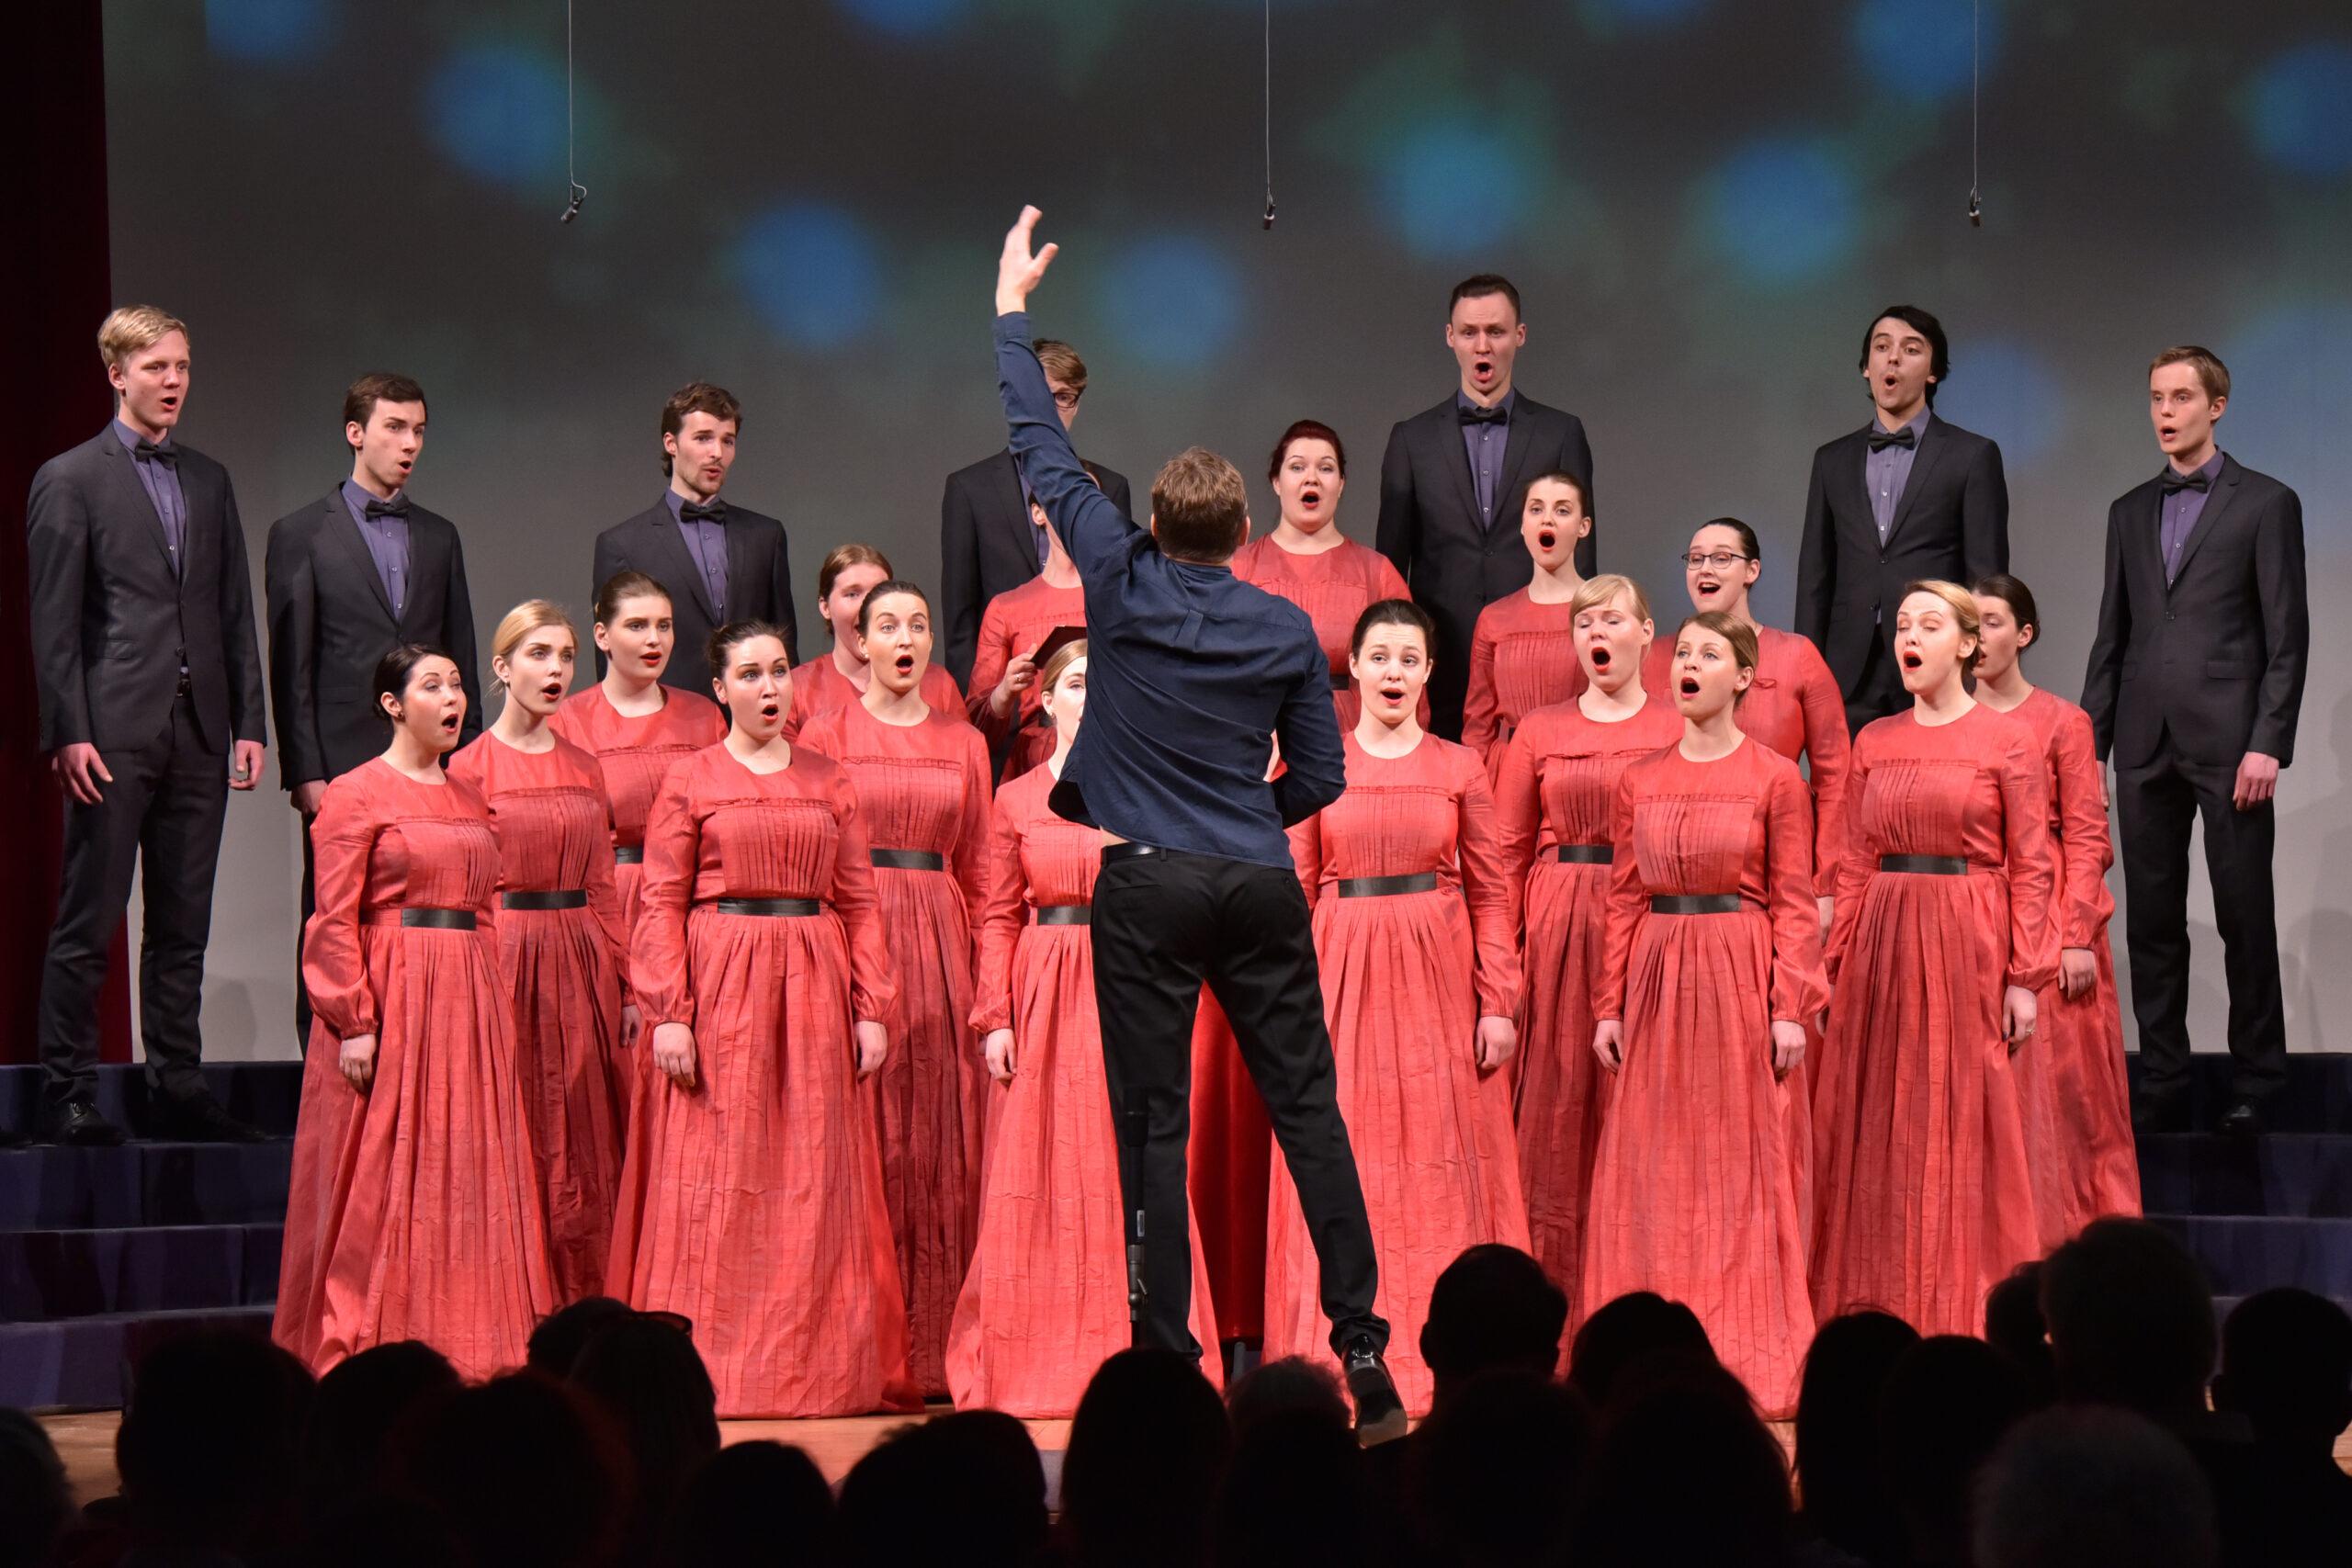 Janez Eržen, Slovenija: Malo višje, prosim, 2017, Youth Choir Balsis, Latvija - 14. mednarodno zborovsko tekmovanje Gallus Maribor 2017. Tekmovanje je od leta 2008 vključeno v Zvezo tekmovanj za veliko zborovsko nagrado Evrope.